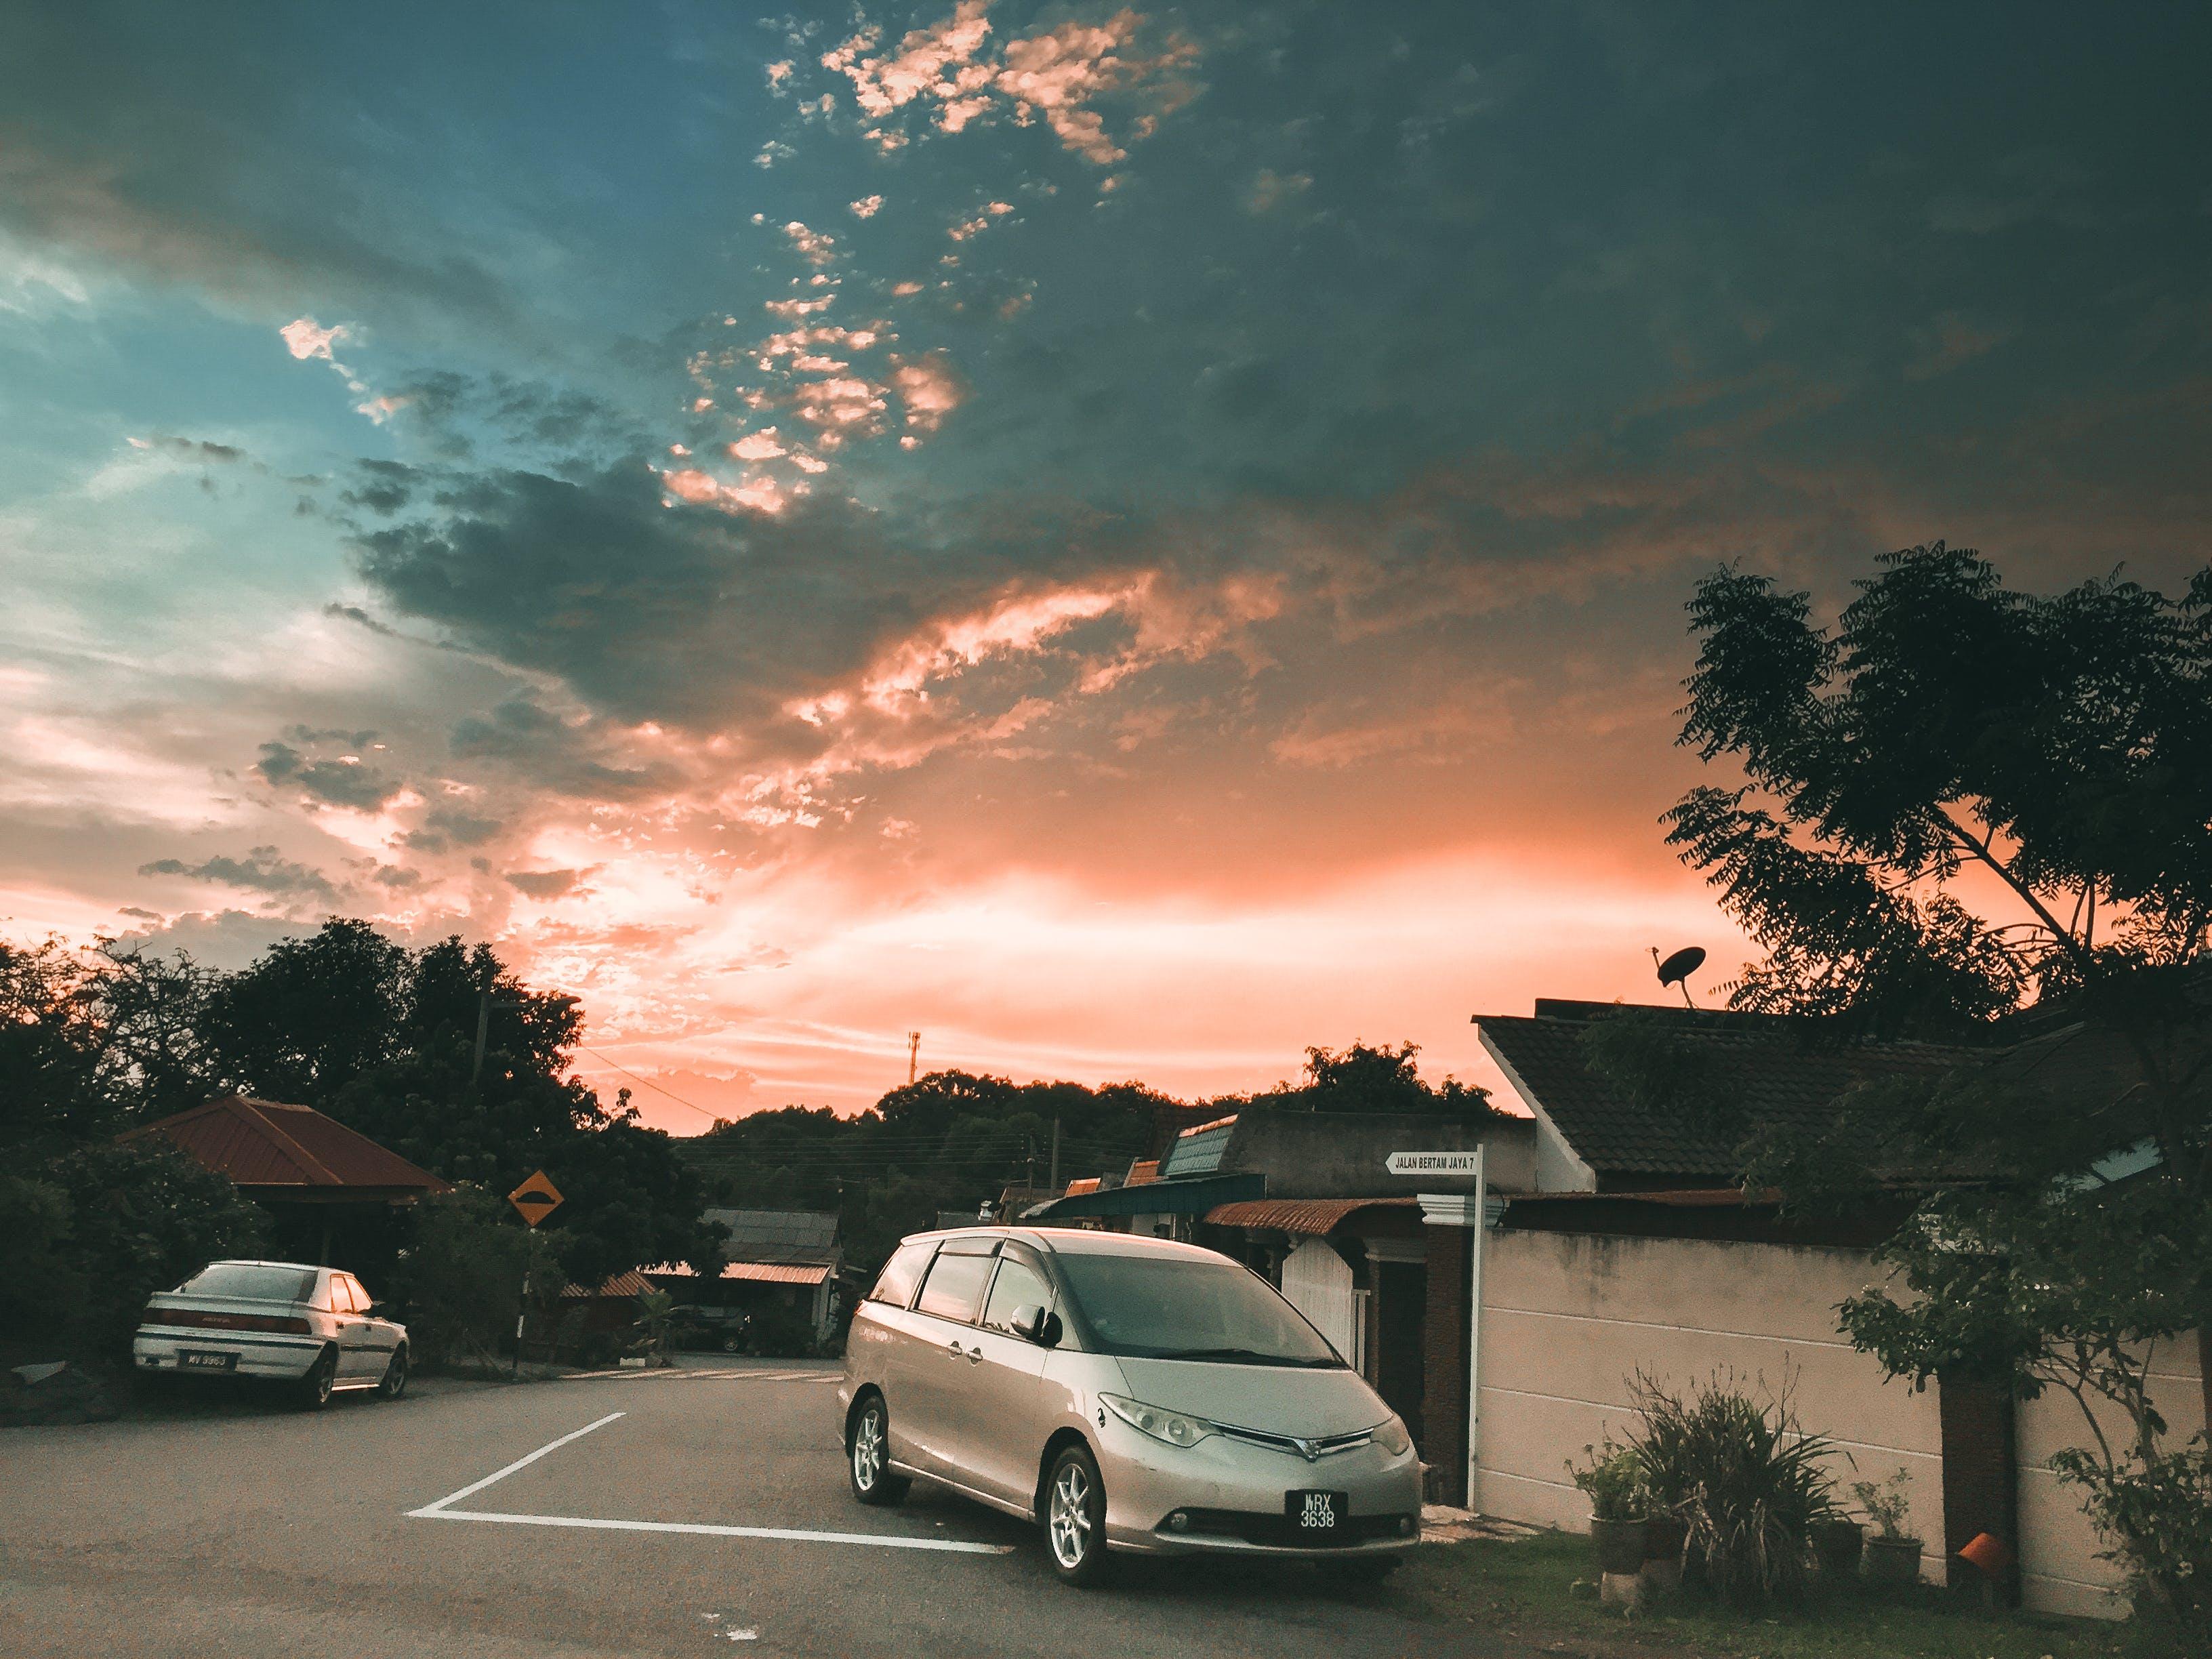 Δωρεάν στοκ φωτογραφιών με orang ουρανού, δύση του ηλίου, θέα, όμορφο τοπίο